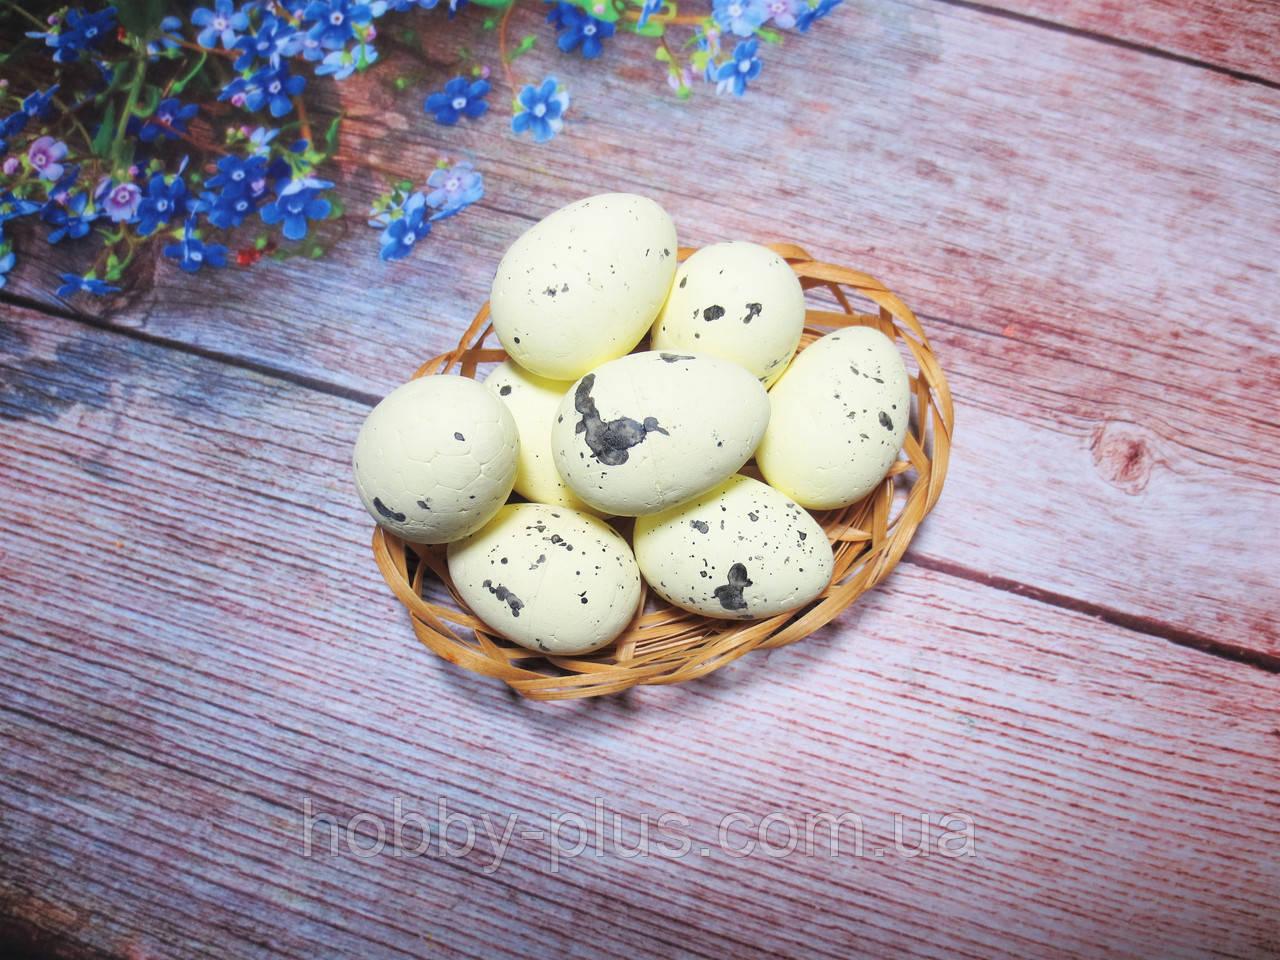 Пасхальный декор, яйца перепелиные 3,5 см, (пенопластовые), цвет БЕЛЫЙ, 1 шт